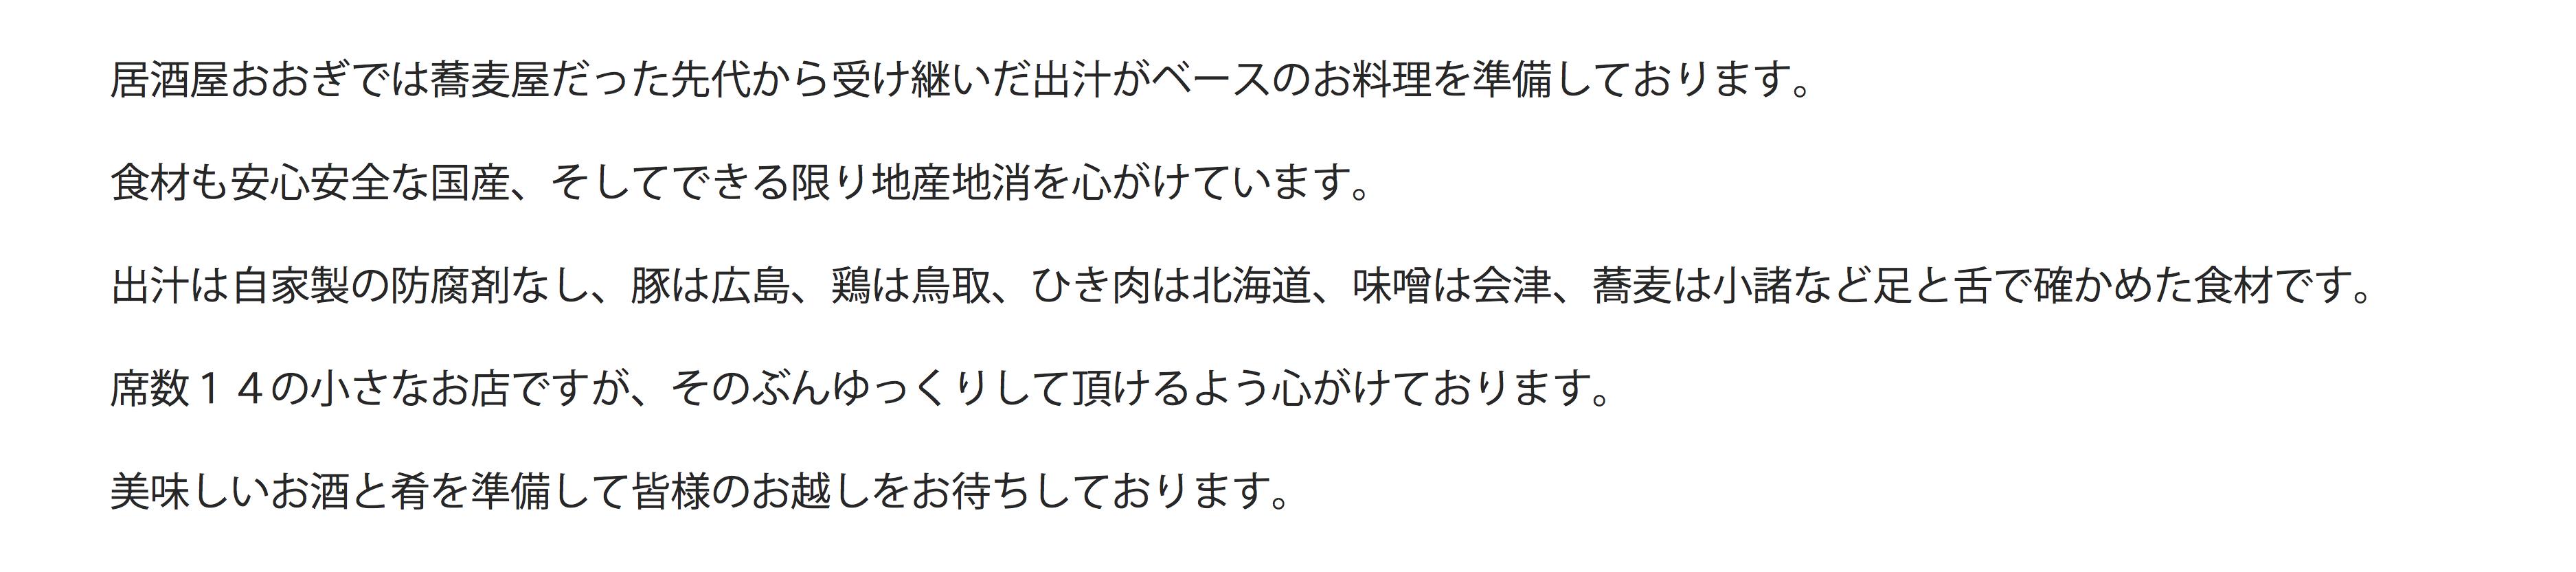 お品書きセリフ-4のコピー.jpg